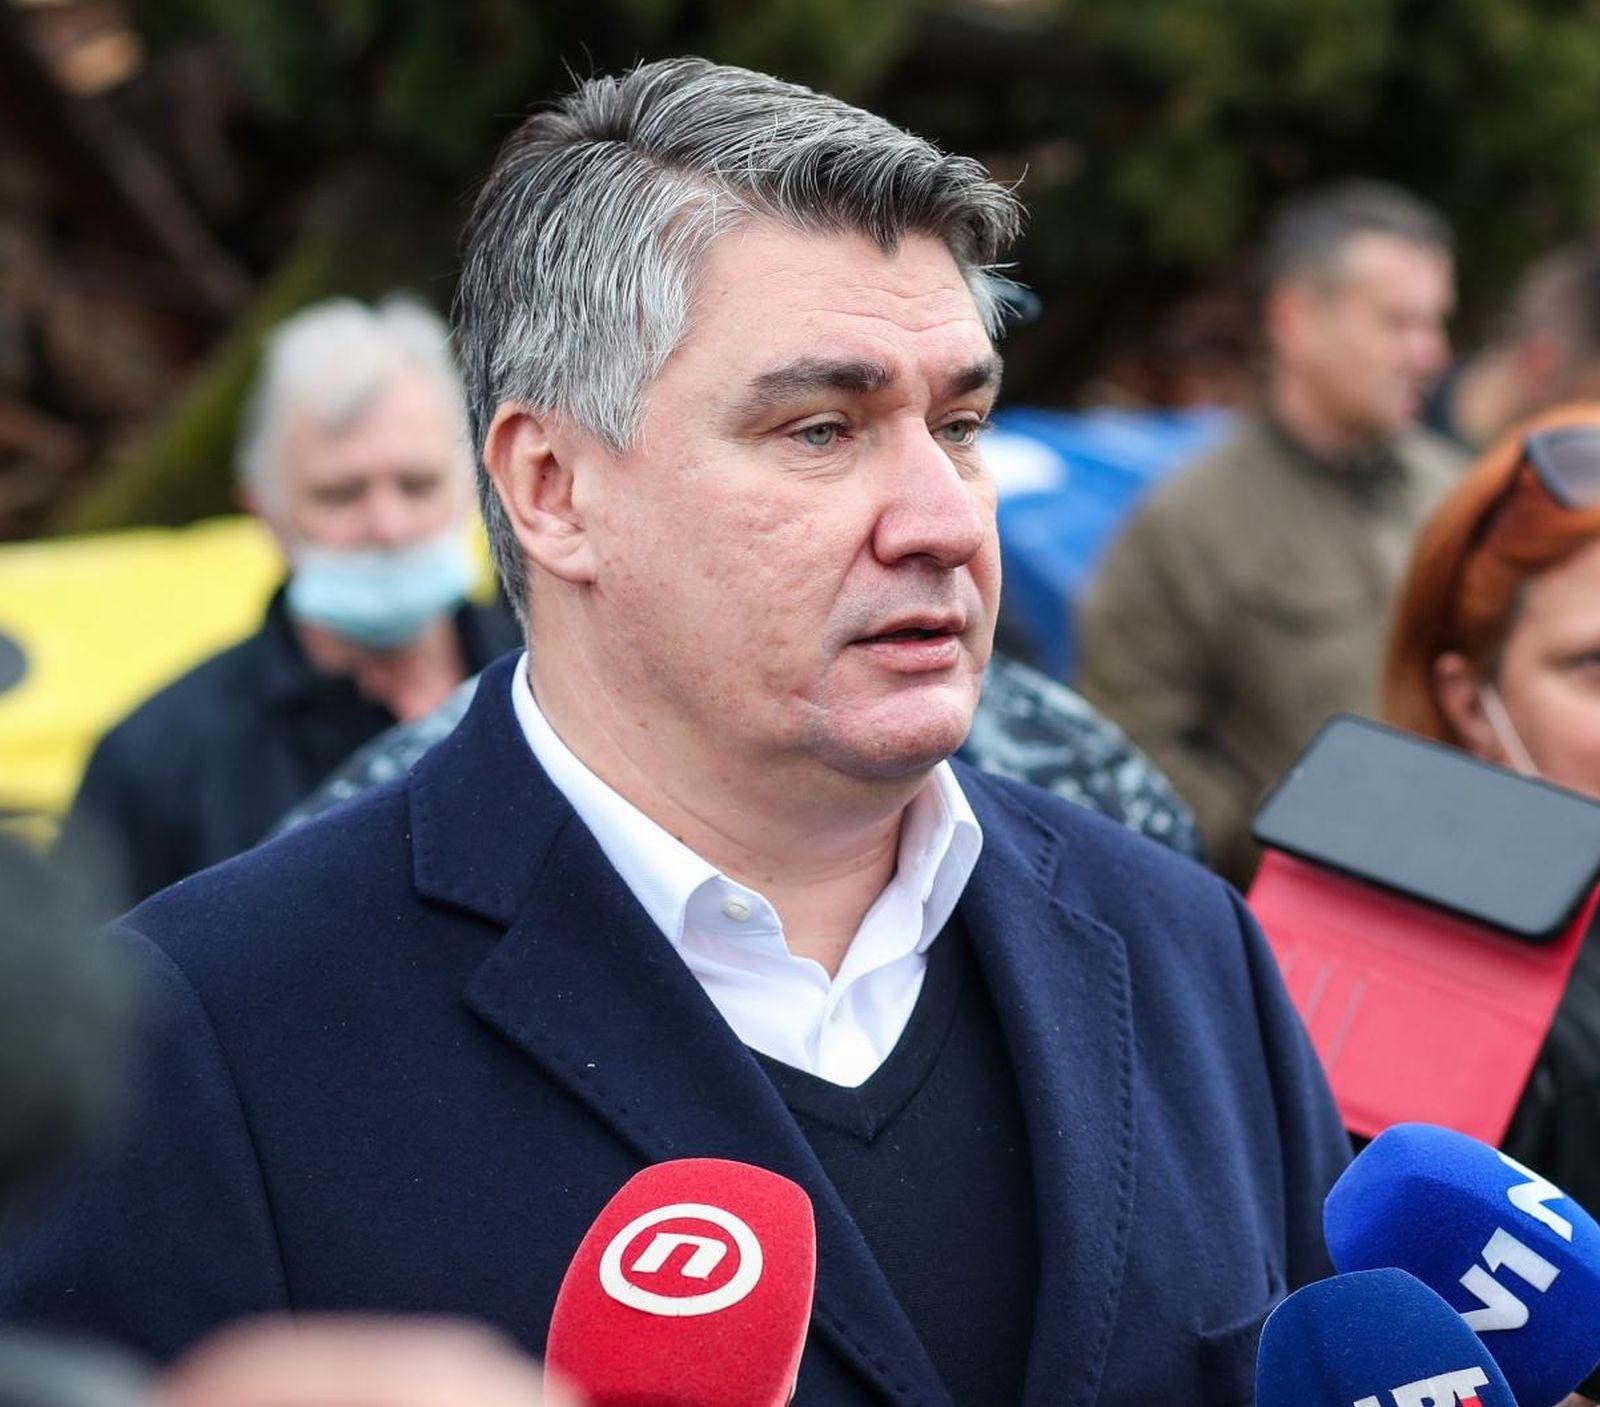 """Milanović zahvalio kuharima volonterima u Petrinji: """"Hvala vam na krvavom radu"""""""